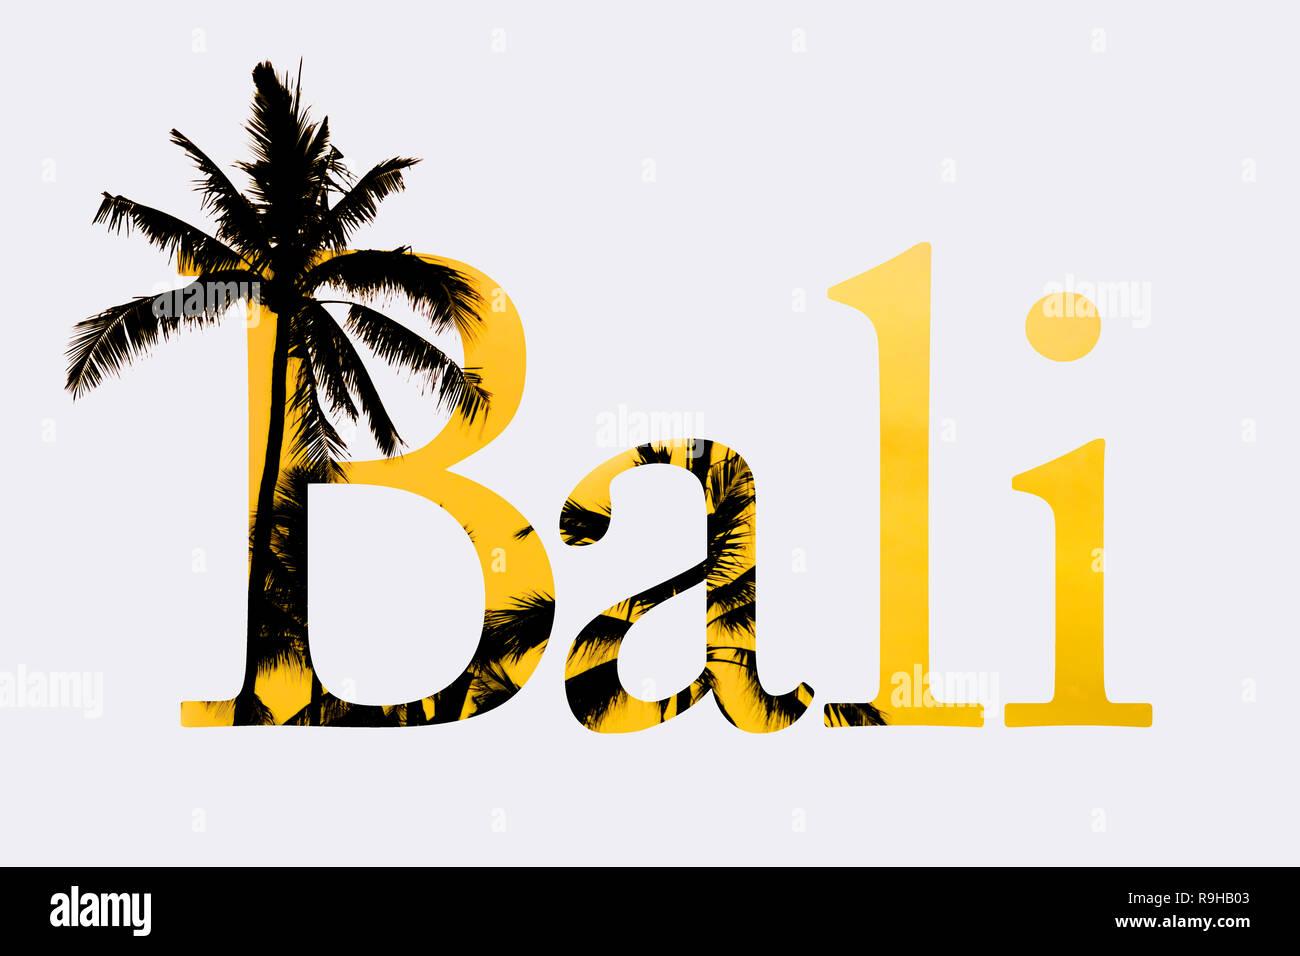 Texte d'illustration design avec le mot Bali et palmiers, isolé sur fond blanc. en-tête texte prédéfini utiles Photo Stock